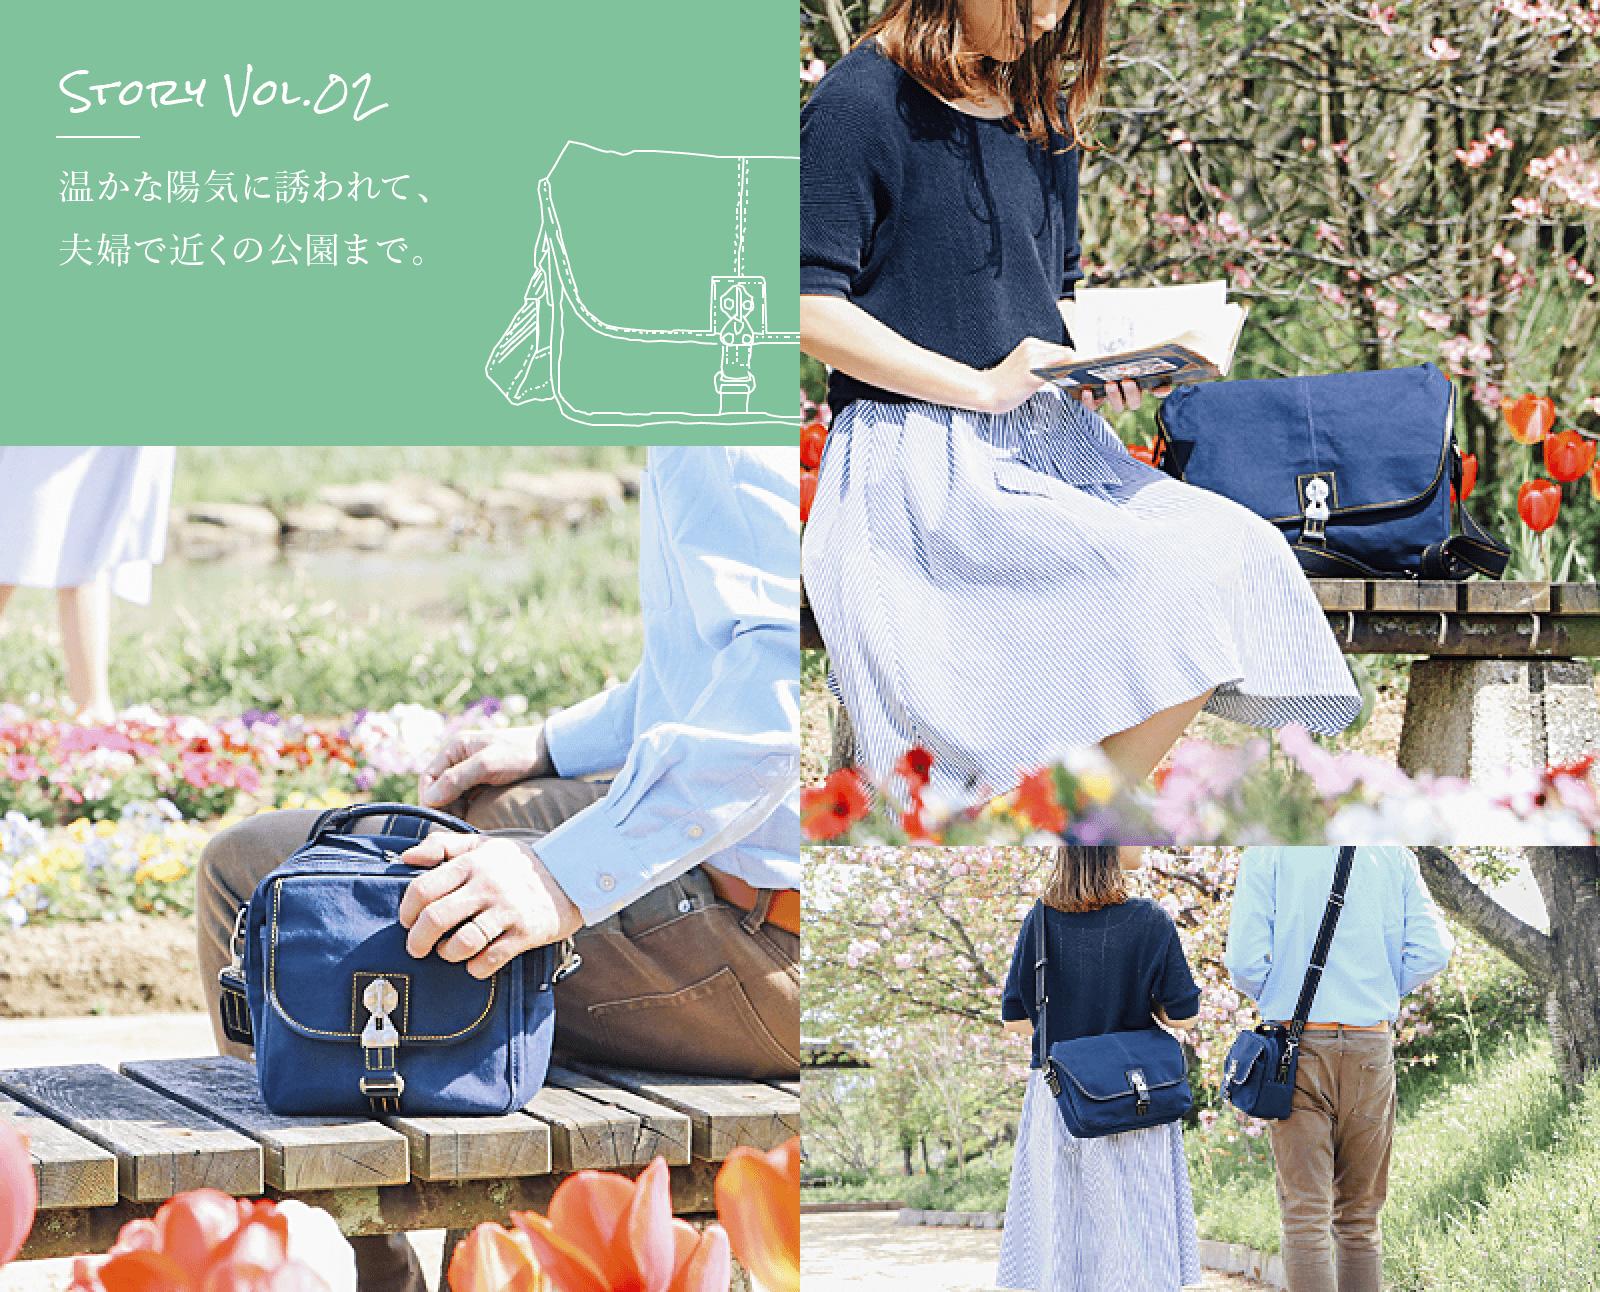 Story Vol.02|温かな陽気に誘われて、夫婦で近くの公園まで。